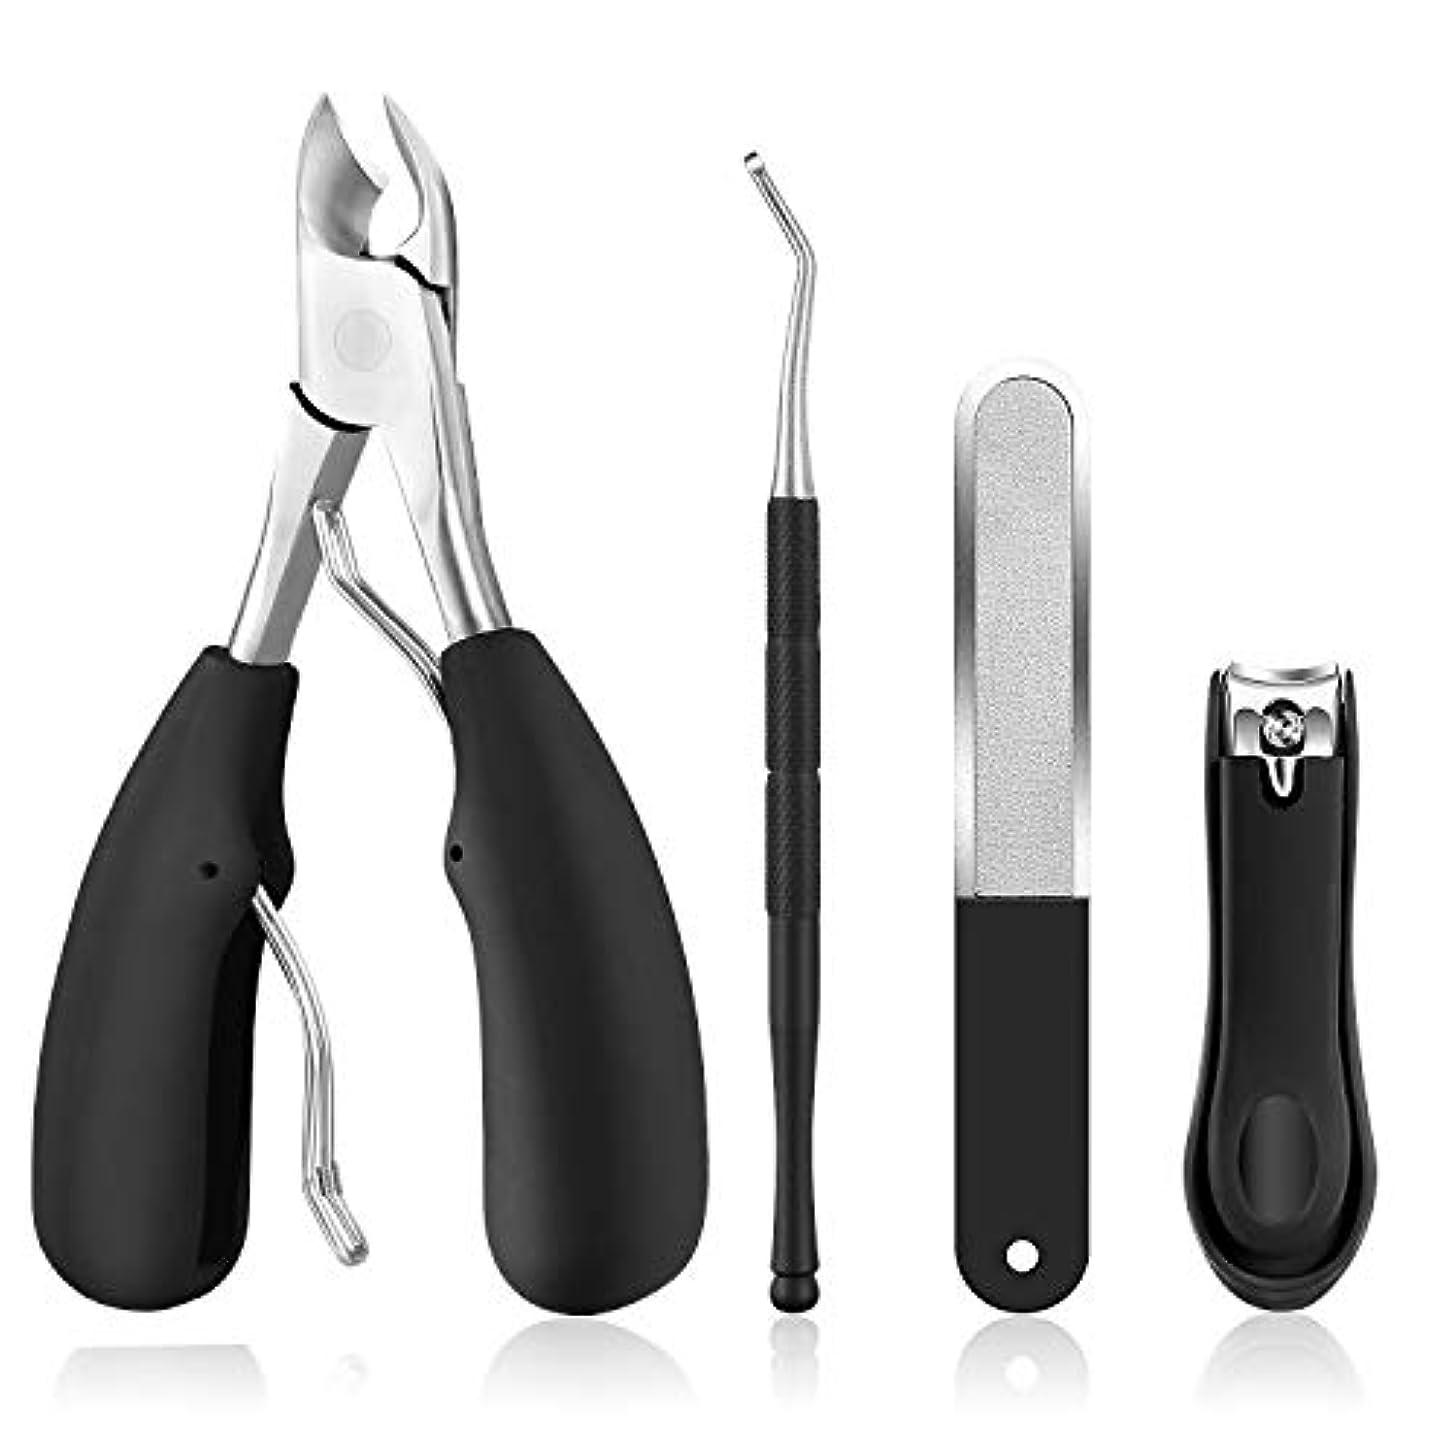 類人猿手荷物壊す4本セット 爪切り ニッパー ニッパー型爪切り ダブルバネデザイン